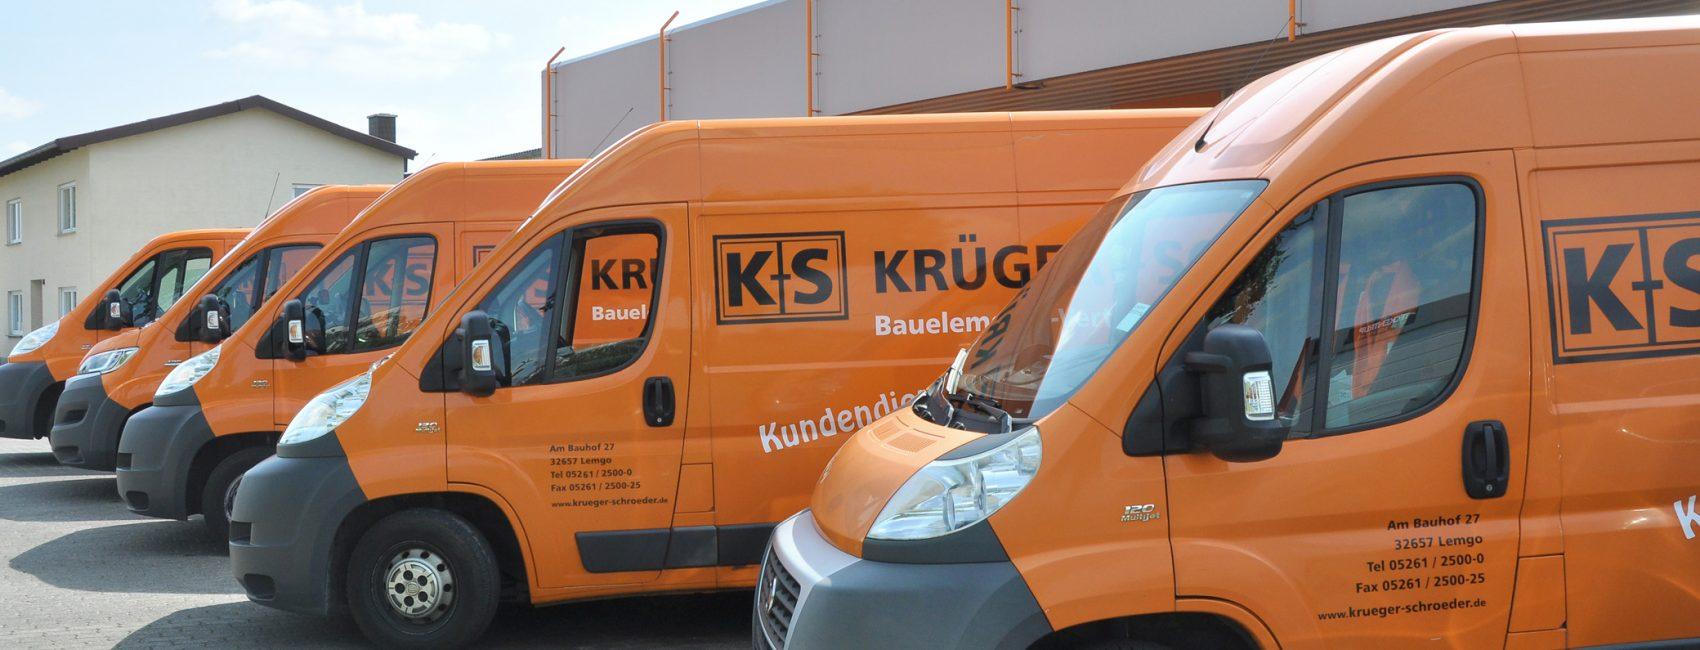 Fuhrpark von Krüger + Schröder